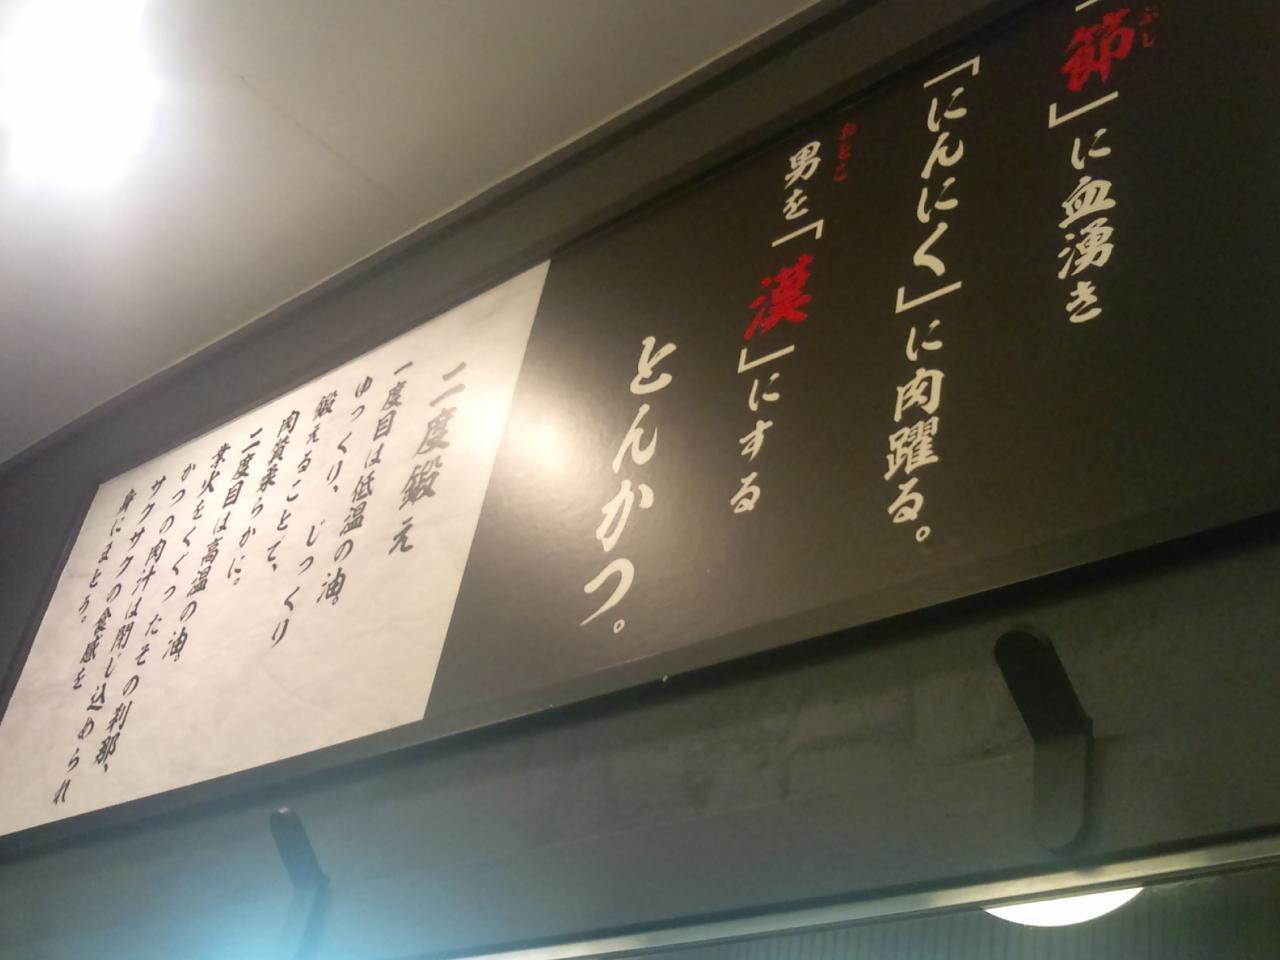 坂井精肉店高田馬場店(店内)